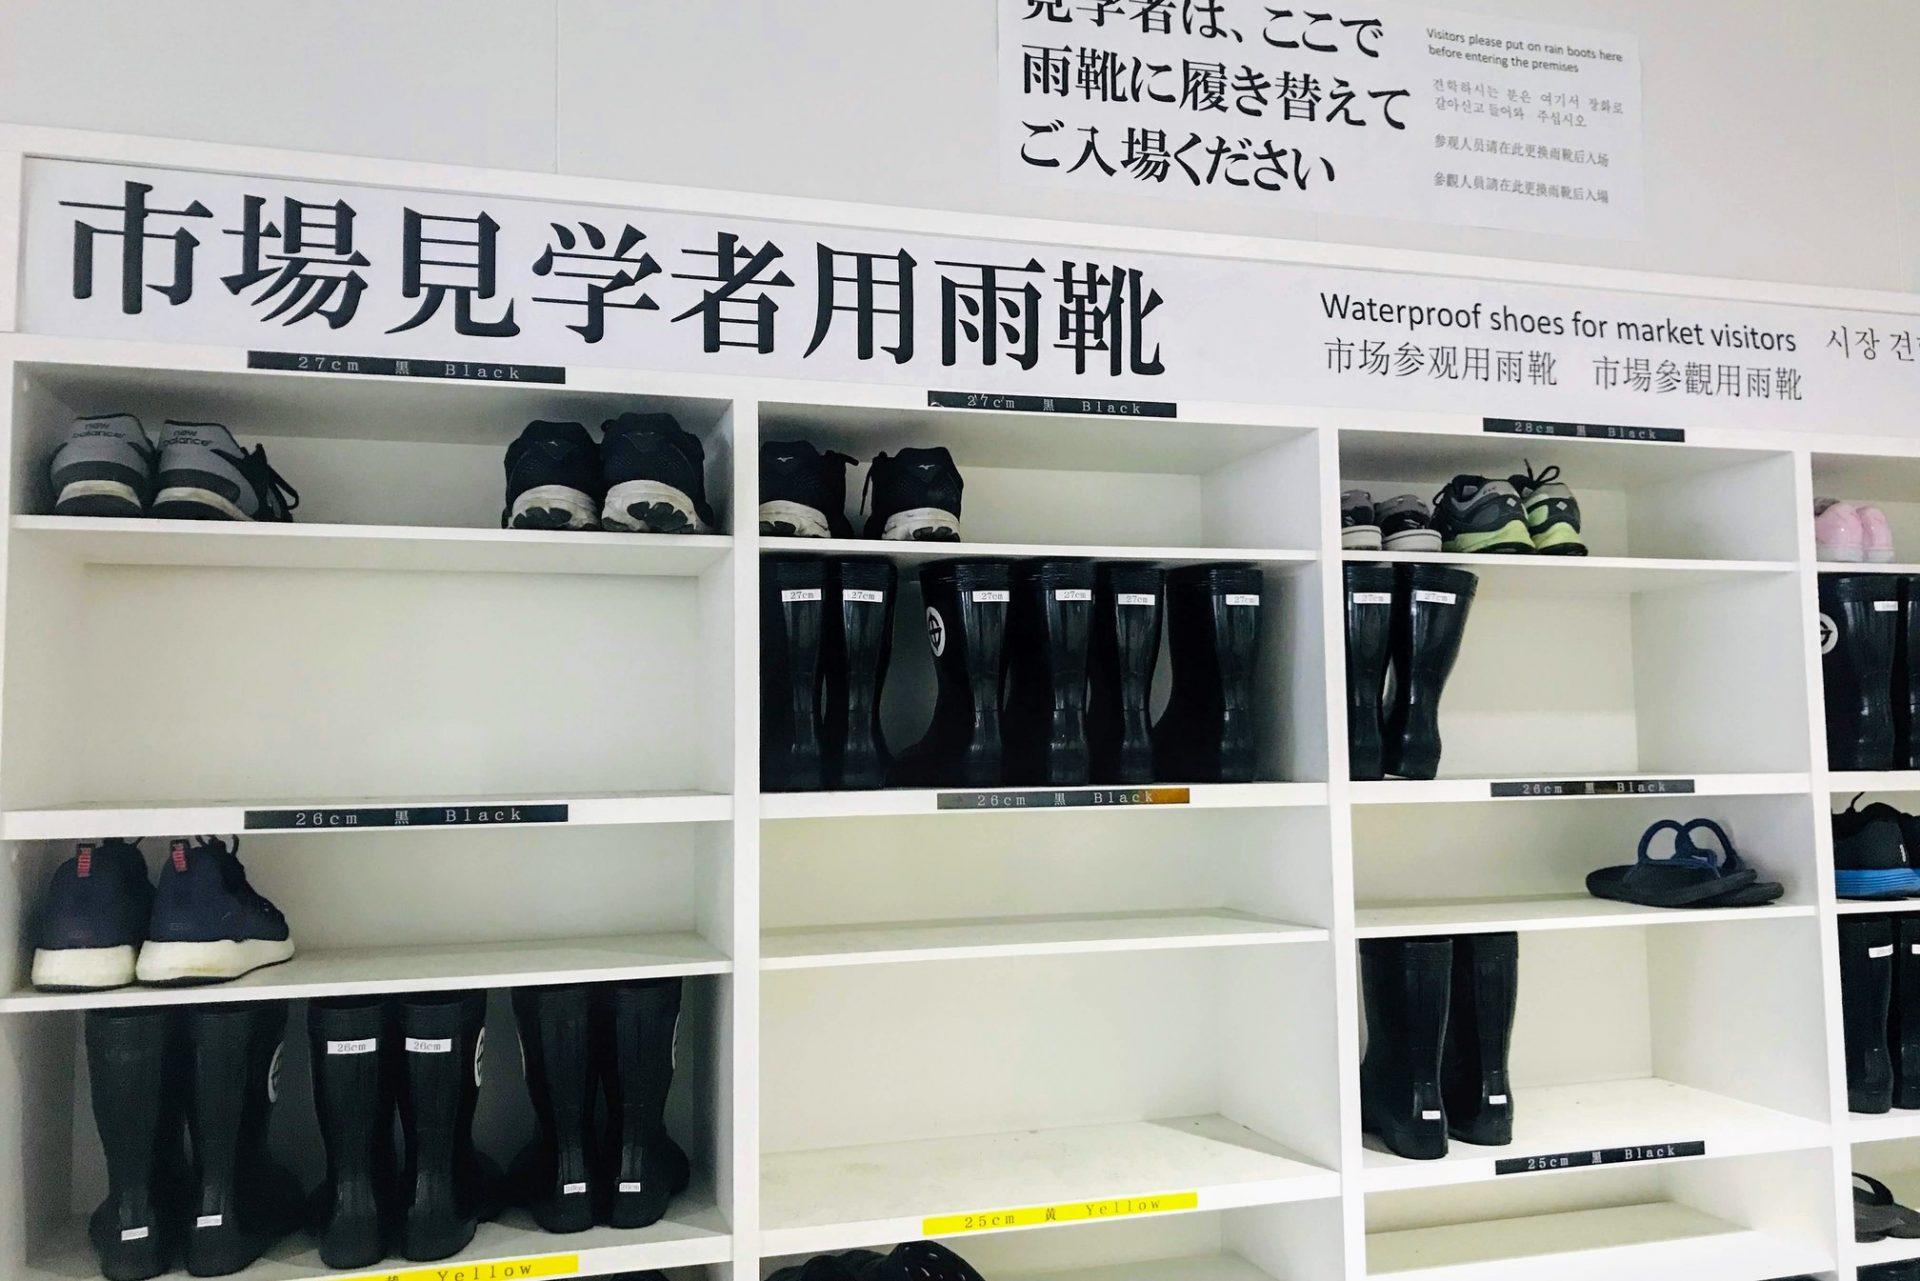 市場見学者用雨靴